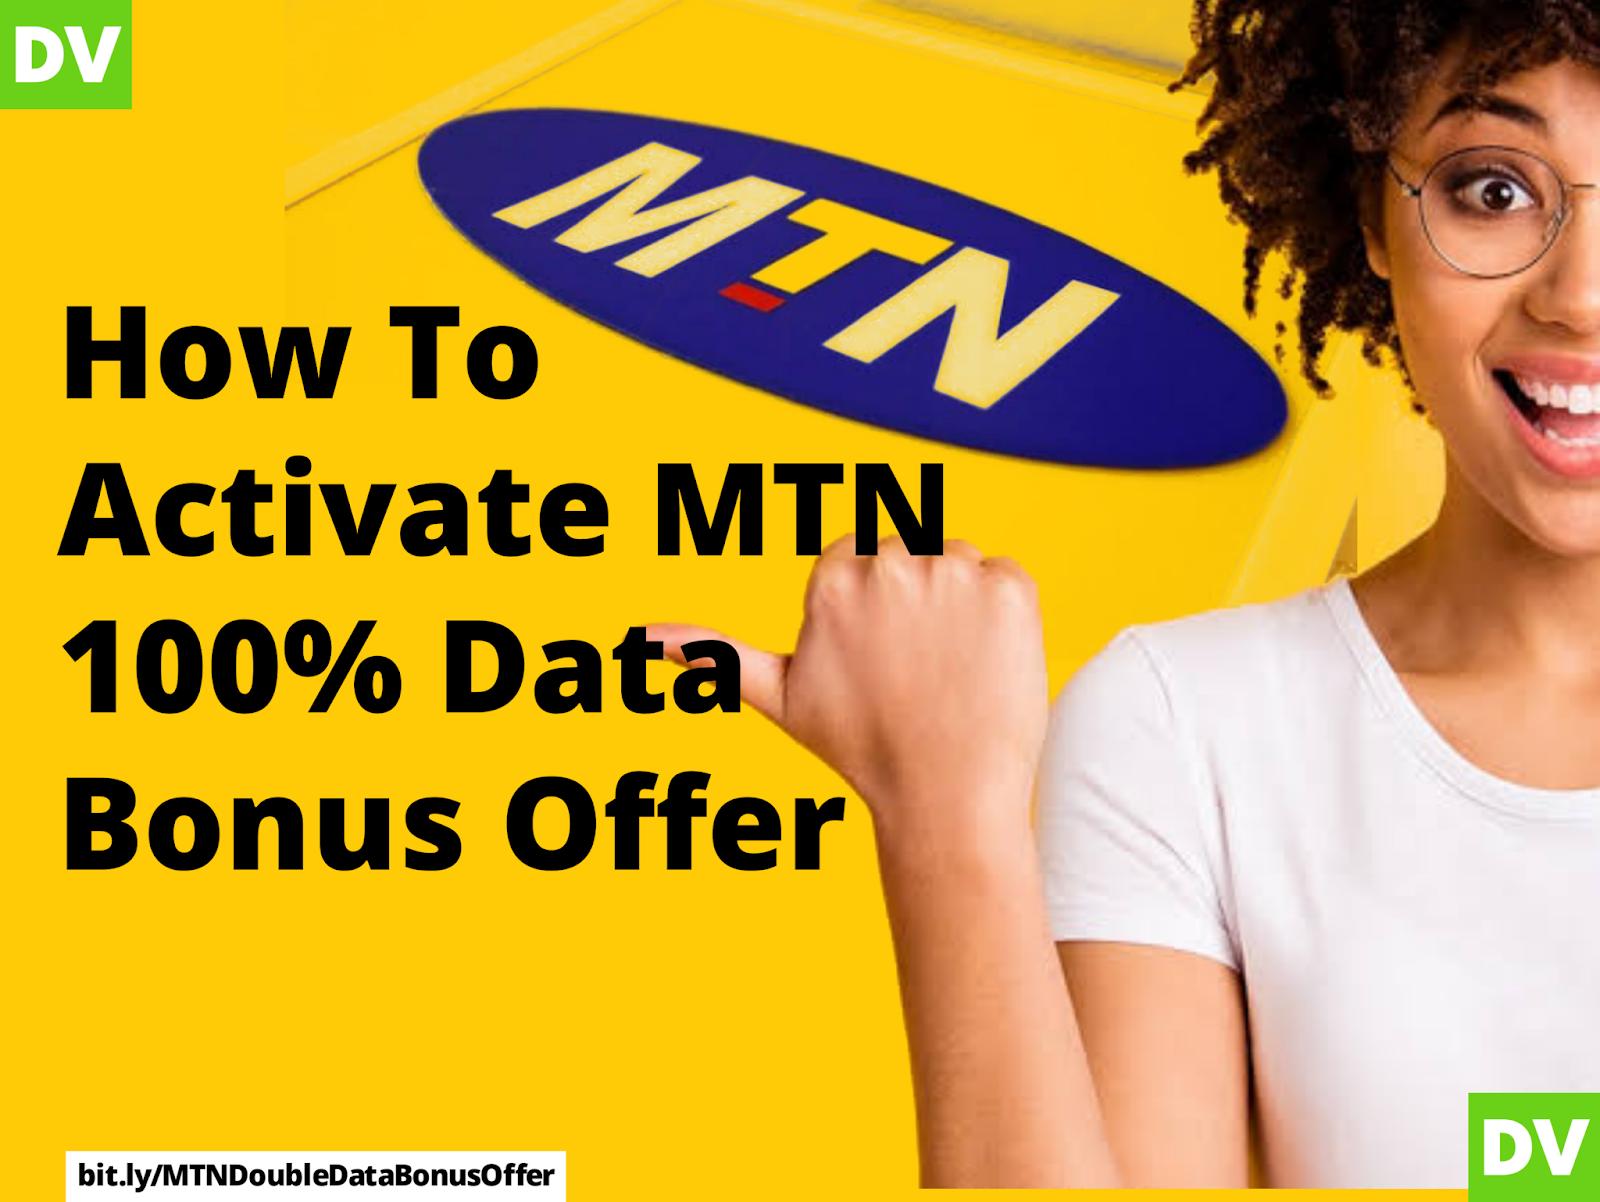 MTN 100% data bonus